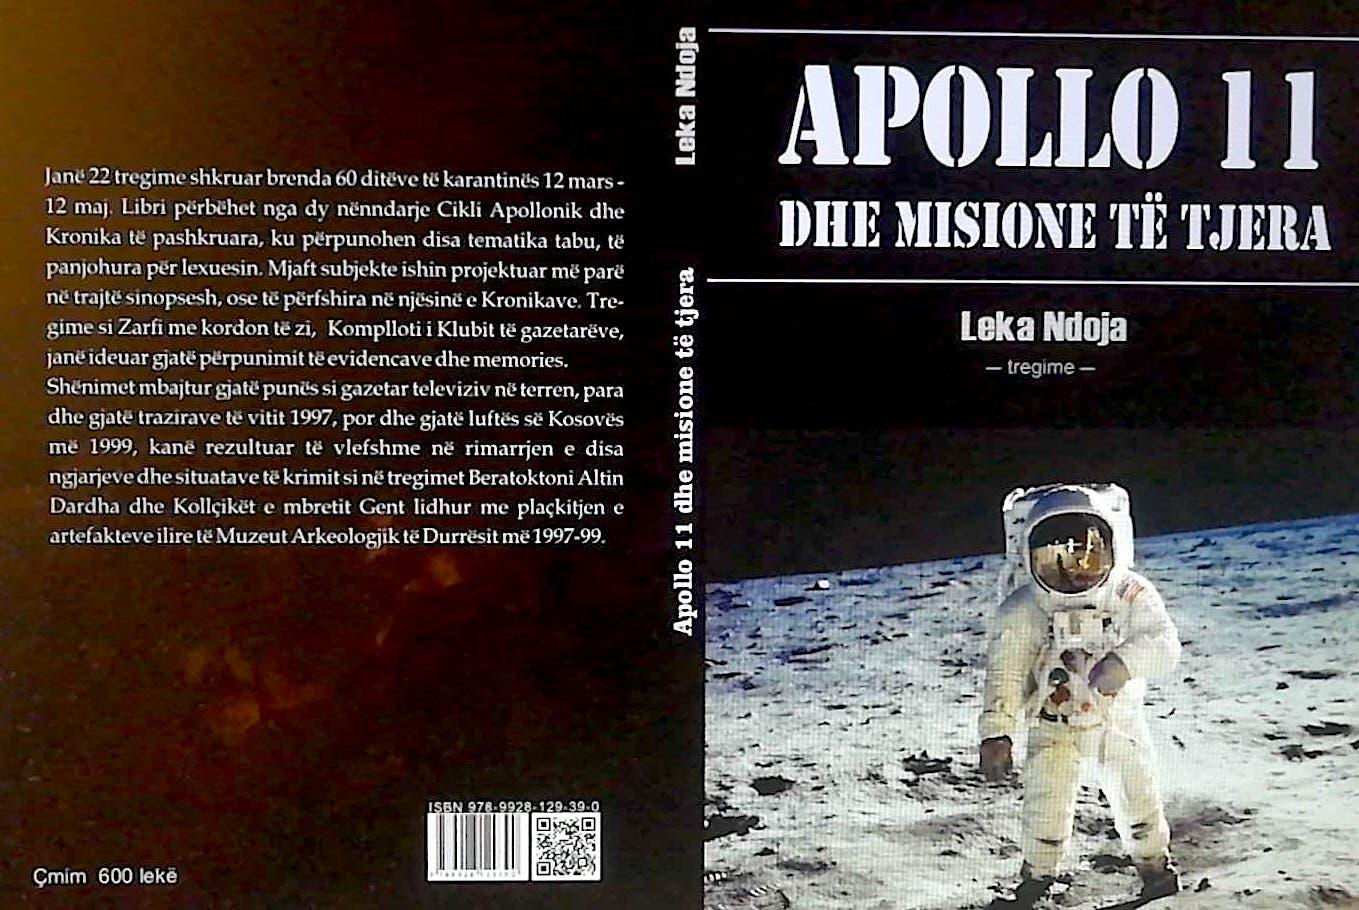 Apollo 11 dhe misione te tjera - Tregime nga Leka Ndoja